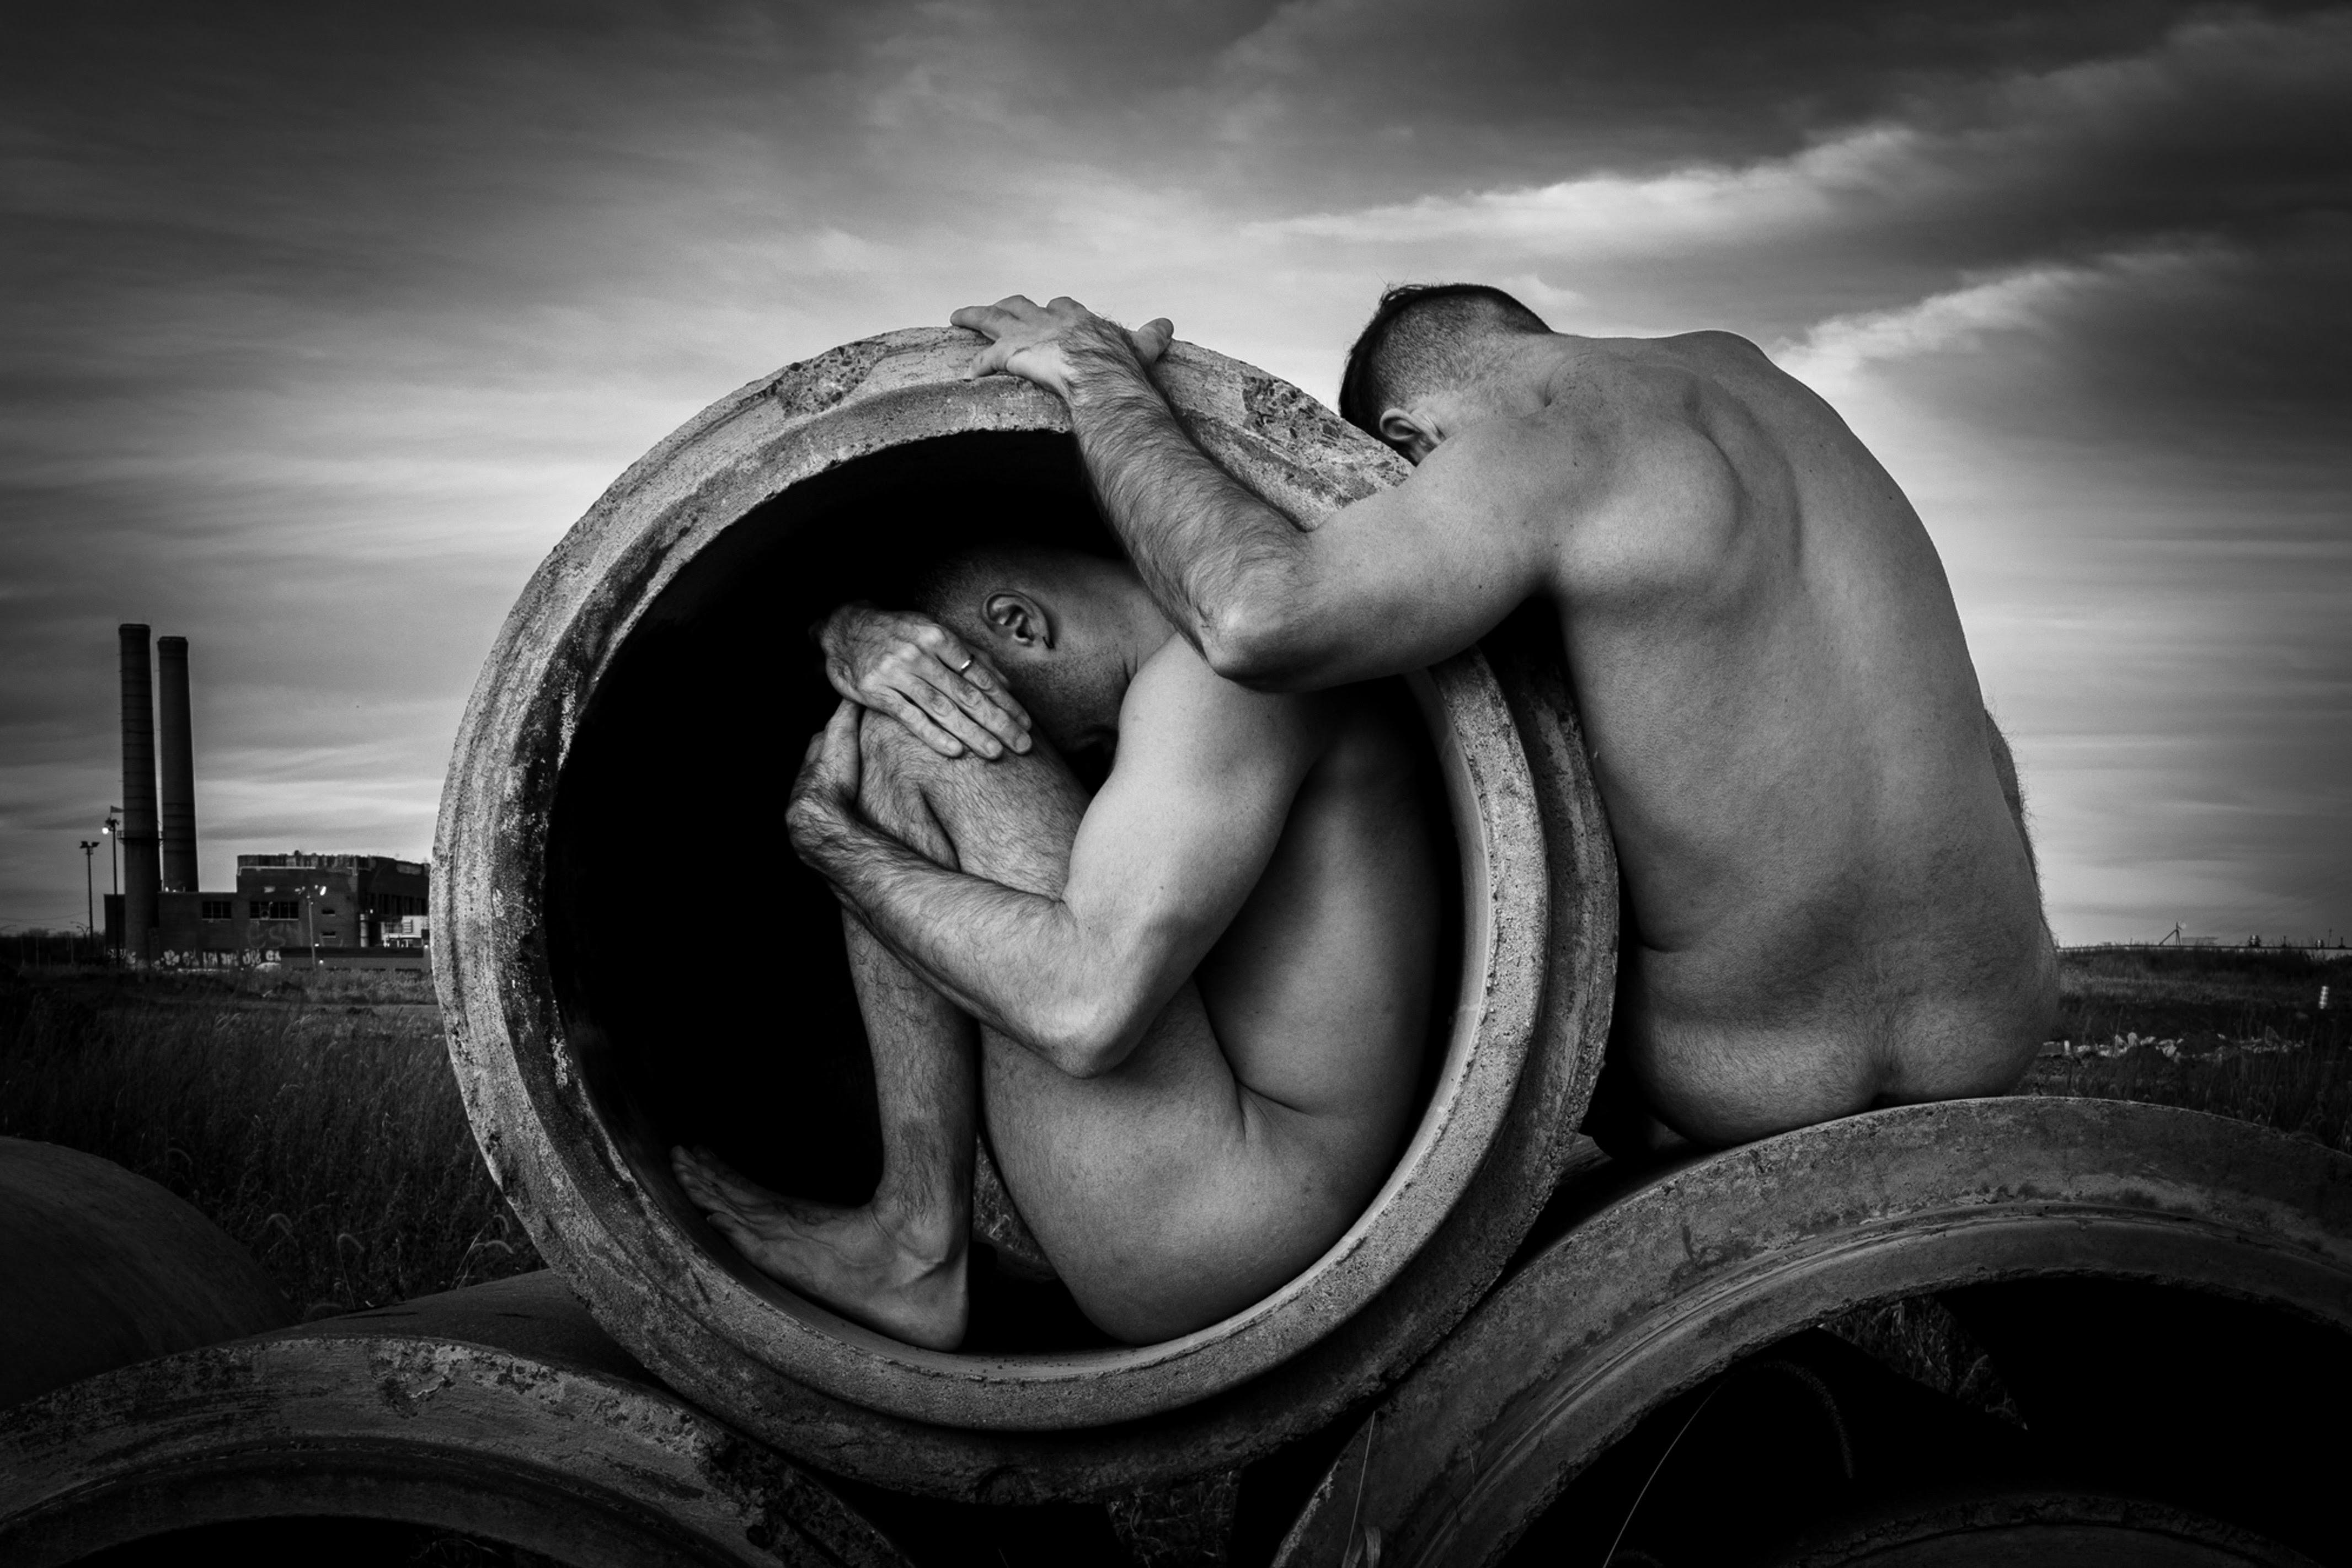 HuG ThrougH ConcretE, by Ahmad Naser-Eldein